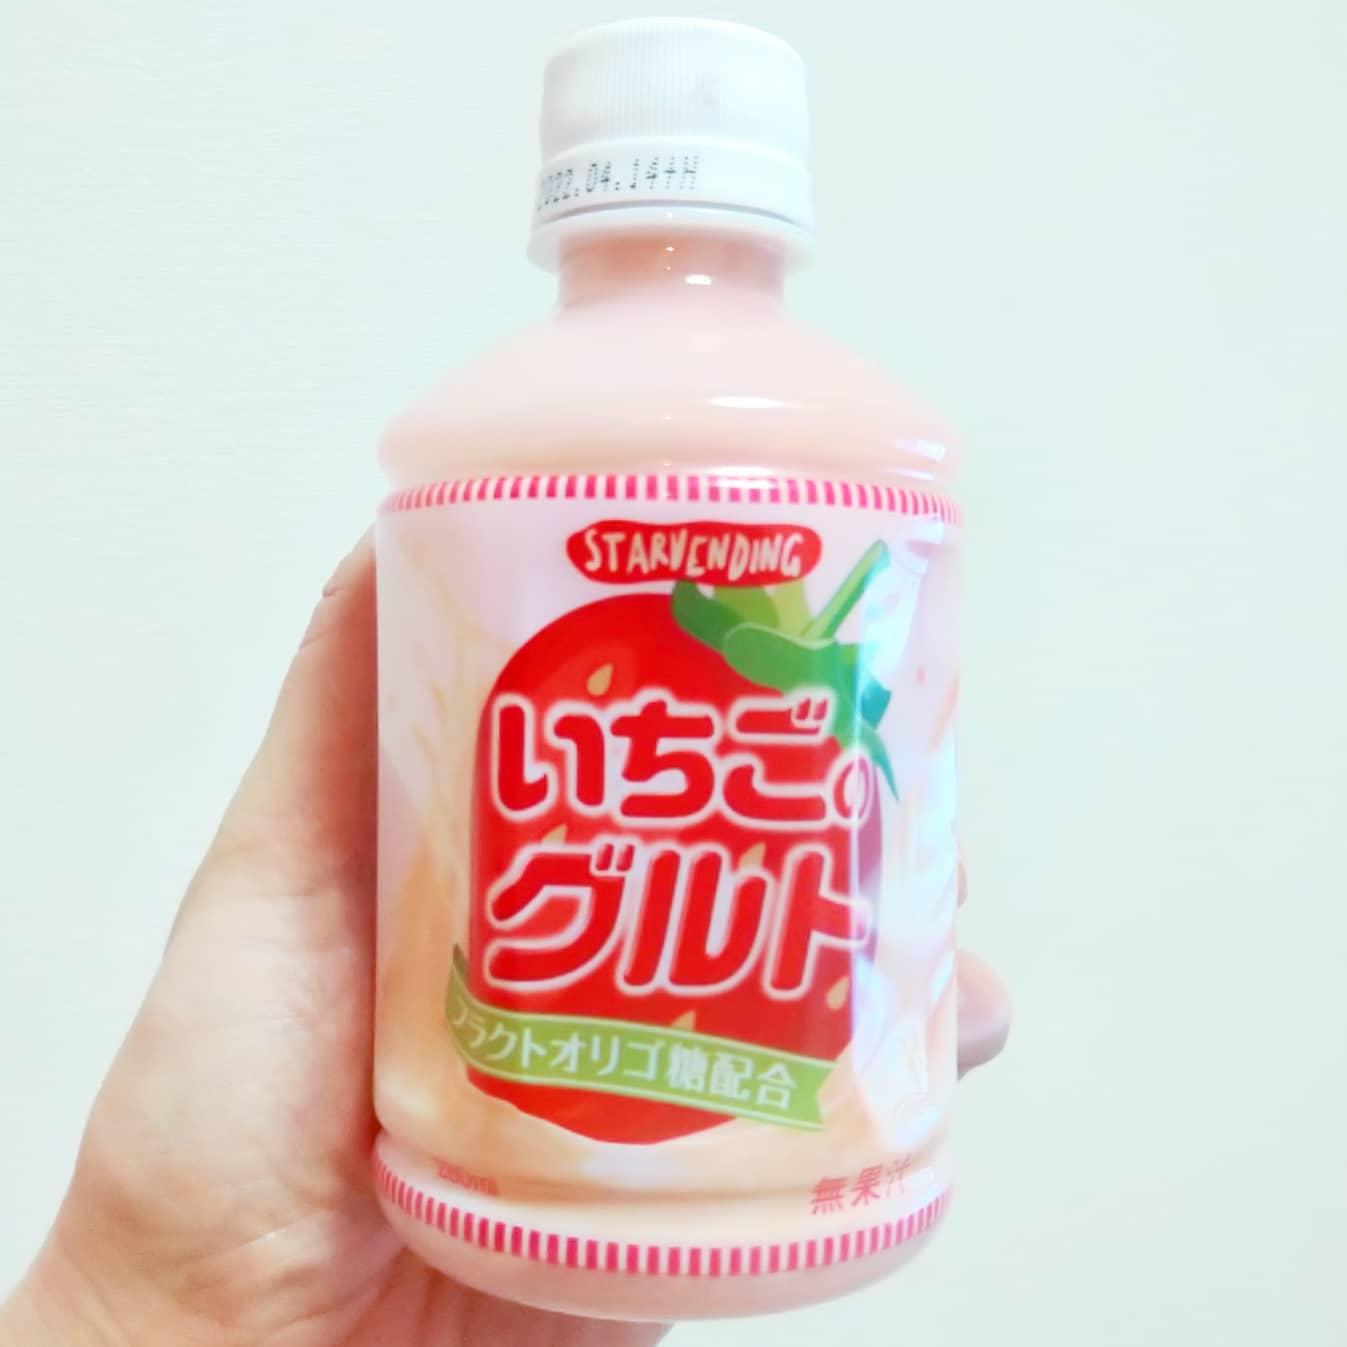 #いちごミルクラブ #スターベンディング #いちごのグルト 謎イチゴ系--☆--本物イチゴ系甘さ強め系--☆--控え目系こってり系-☆---さっぱり系超ミルク系--☆--生クリーム系おもいで度--☆-- #侍猫度ほんのりヤクルトと謎苺牛乳な感じのやつ。どっちもほんのりだね。若干薄く感じつつもさっぱりしているわけじゃないやつだね。自動販売機で買ったやつだよ。#いちごオレ #いちごオレ味 #いちごミルク #いちごミルクみたい #いちご牛乳 #いちご牛乳味 #イチゴ牛乳 #いちご牛乳クラブ #苺牛乳 #苺牛乳が好き #苺ミルク #苺スイーツ #苺 #苺好きに生まれたからには #メソギア派 #糖分 #いちごミルク味 #スイーツ #スイーツ好き #スイーツスタグラム #スイーツタイム #スイーツ写真 #strawberry #strawberrymilk